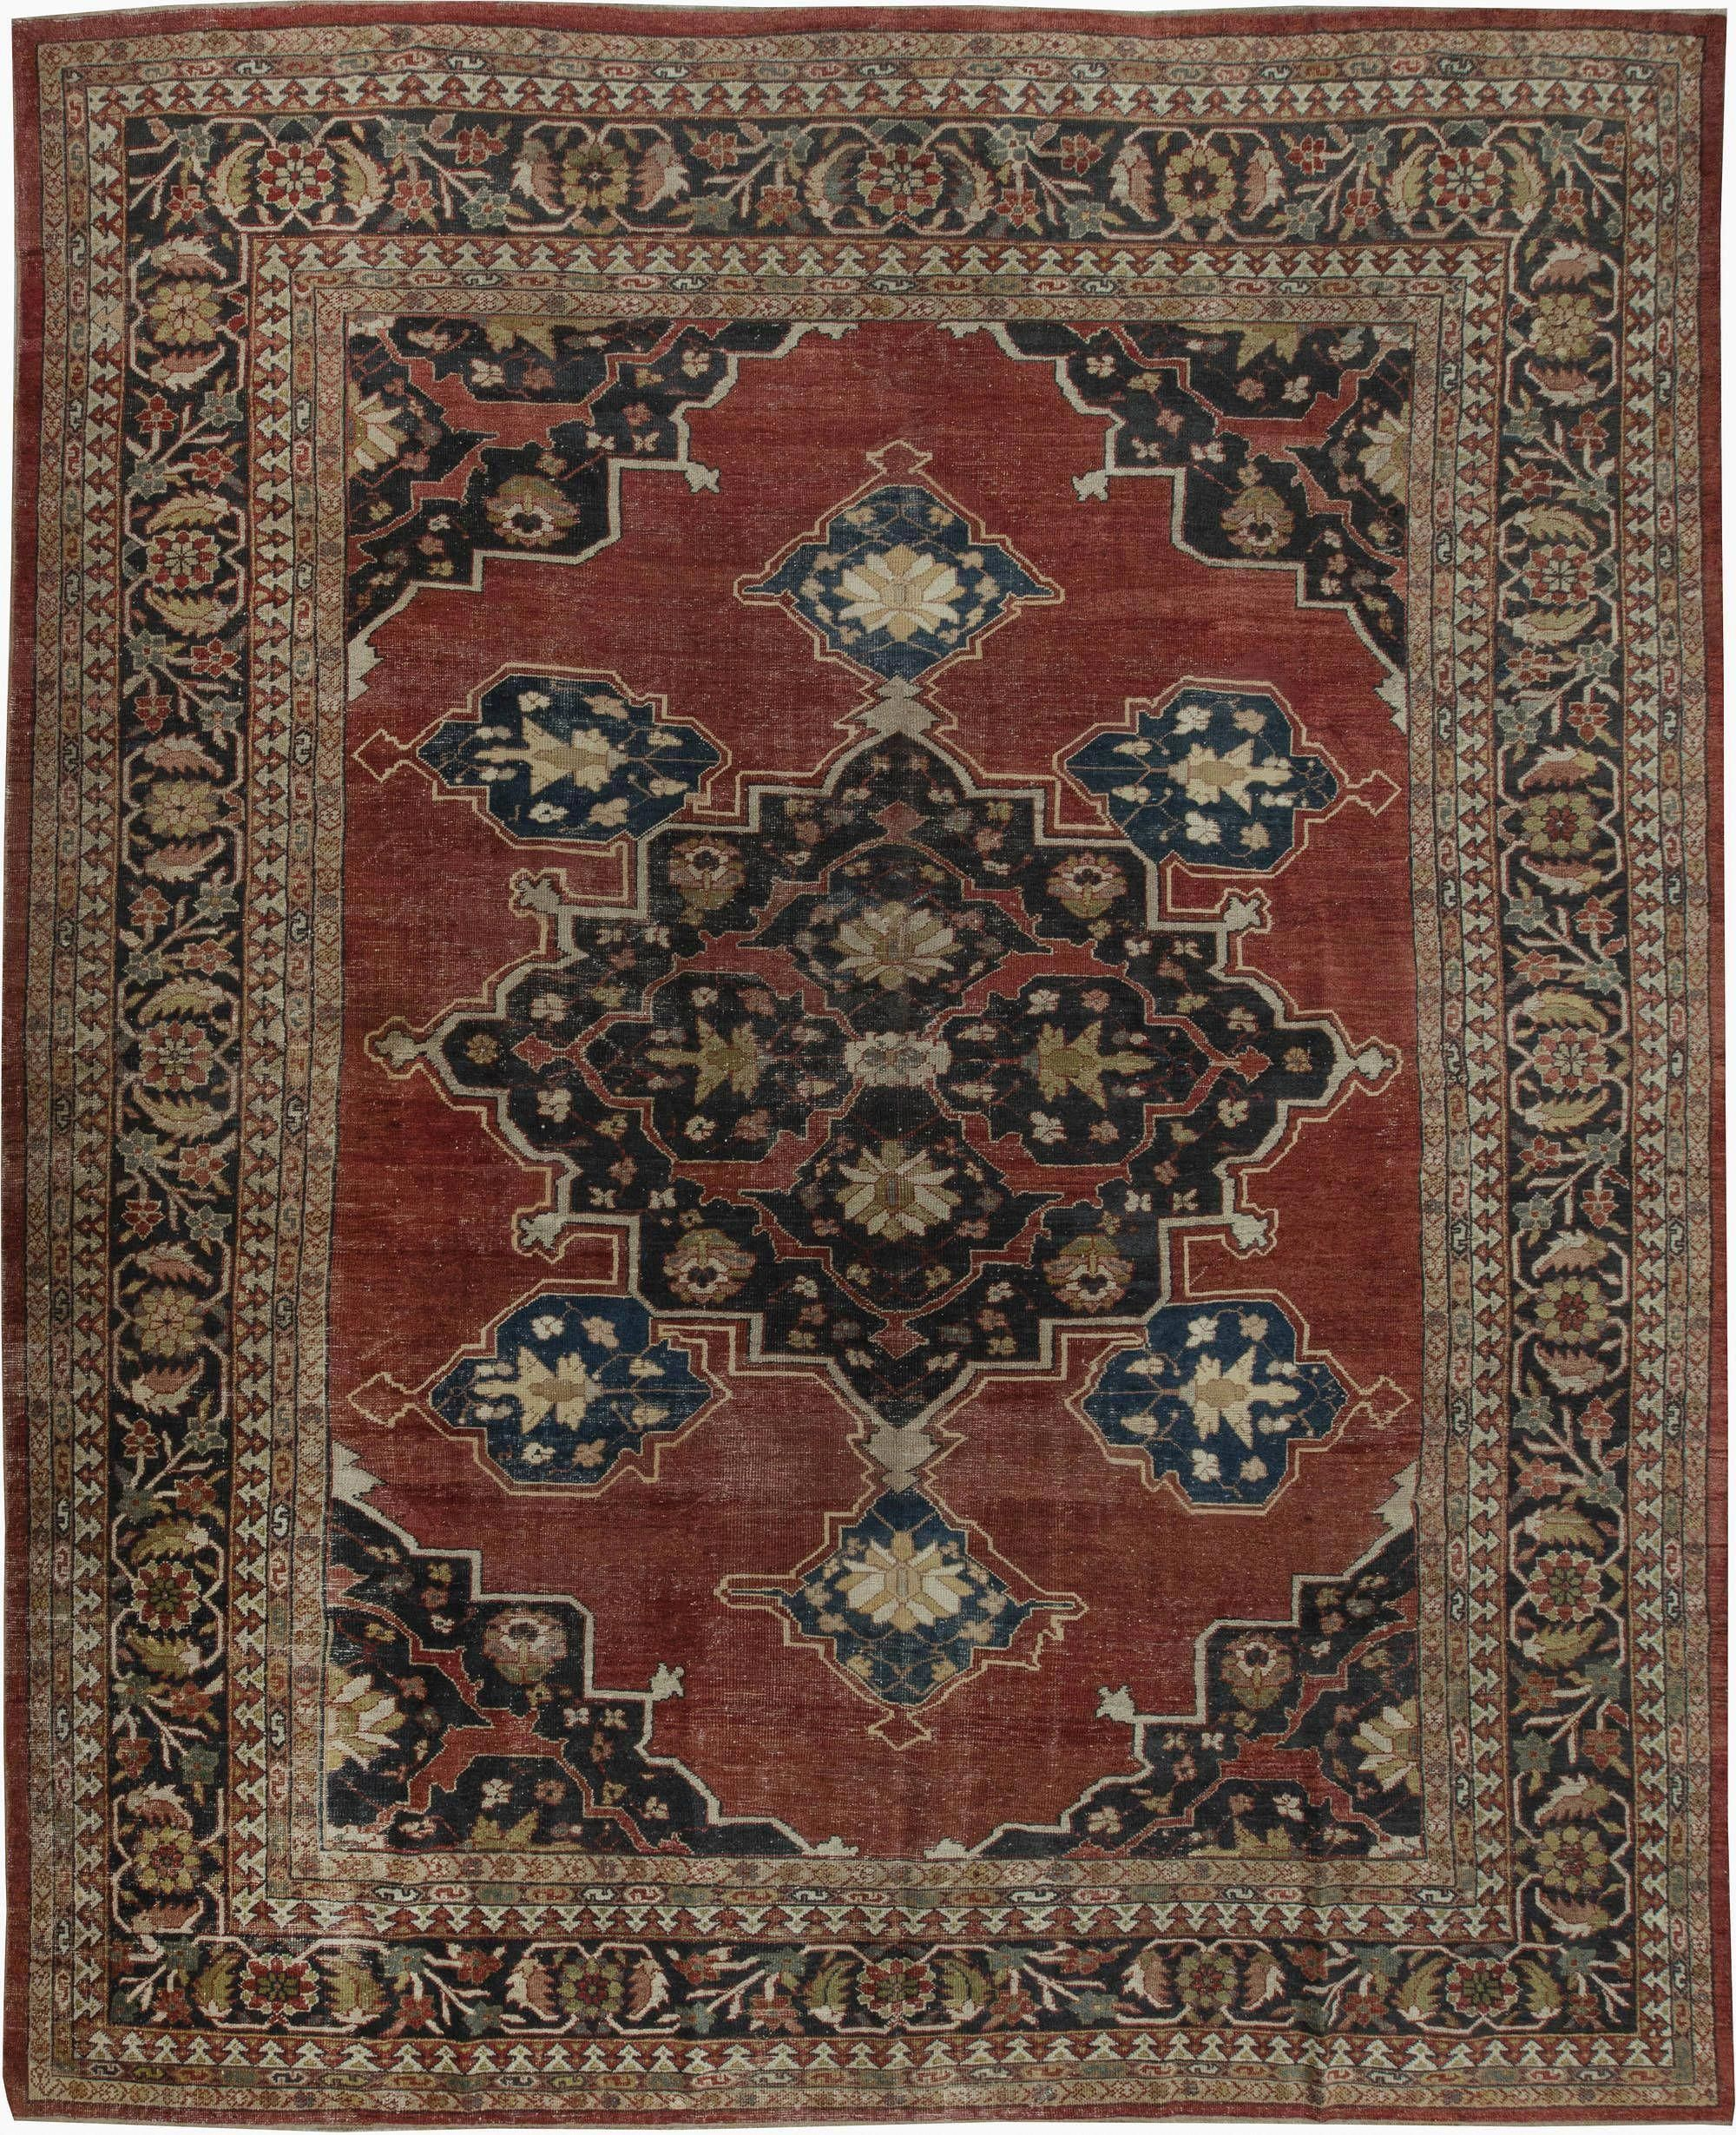 Cod. 897 Kirman Antico, 203x133 tappeto persiano antique